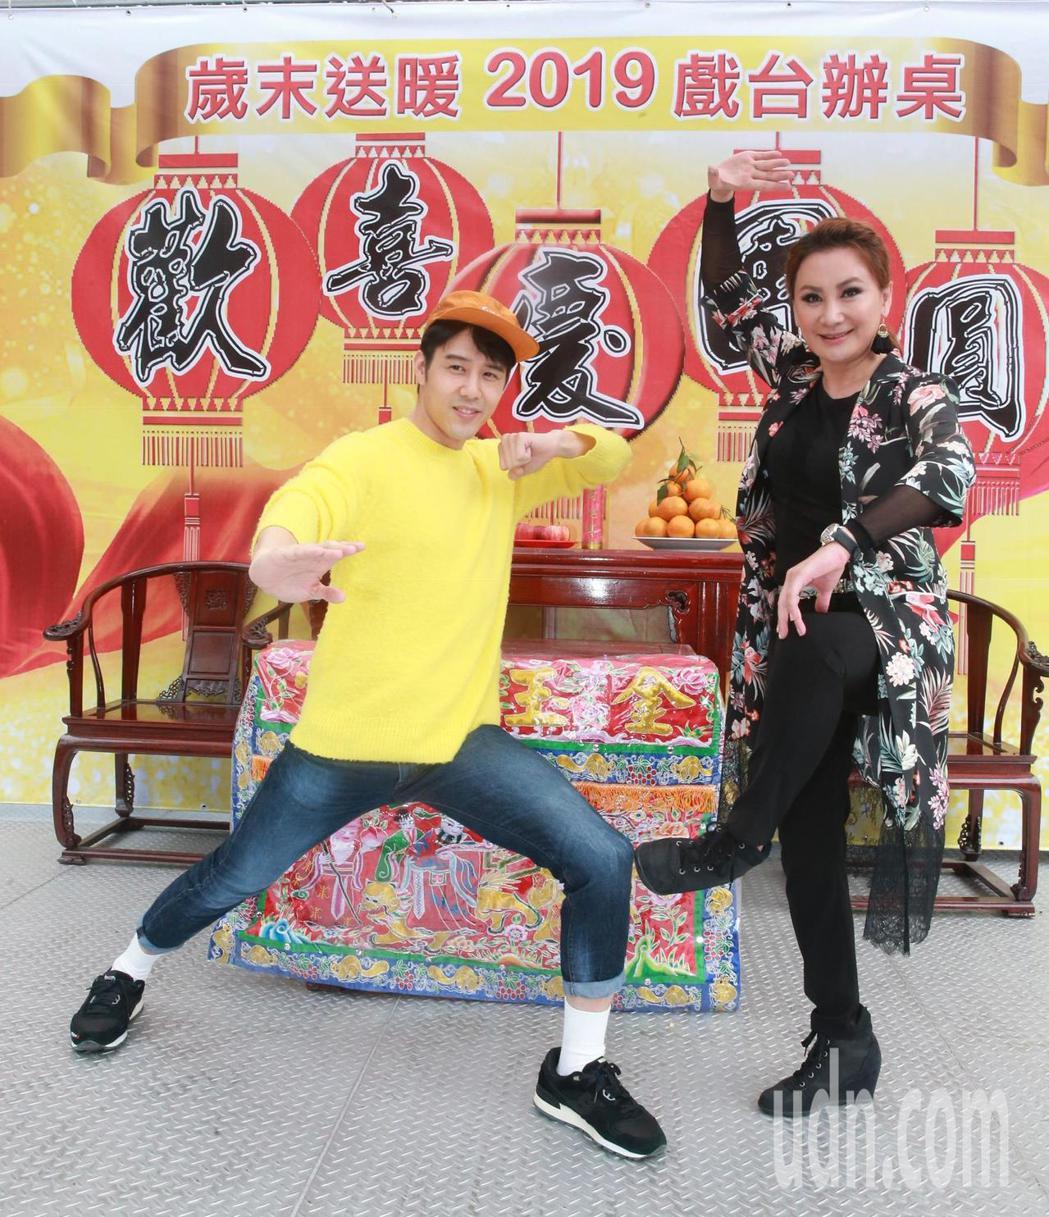 台北市歌仔戲推廣協會理事長陳亞蘭(右)與胡宇威(左)率同歌仔戲團員舉辦「2019